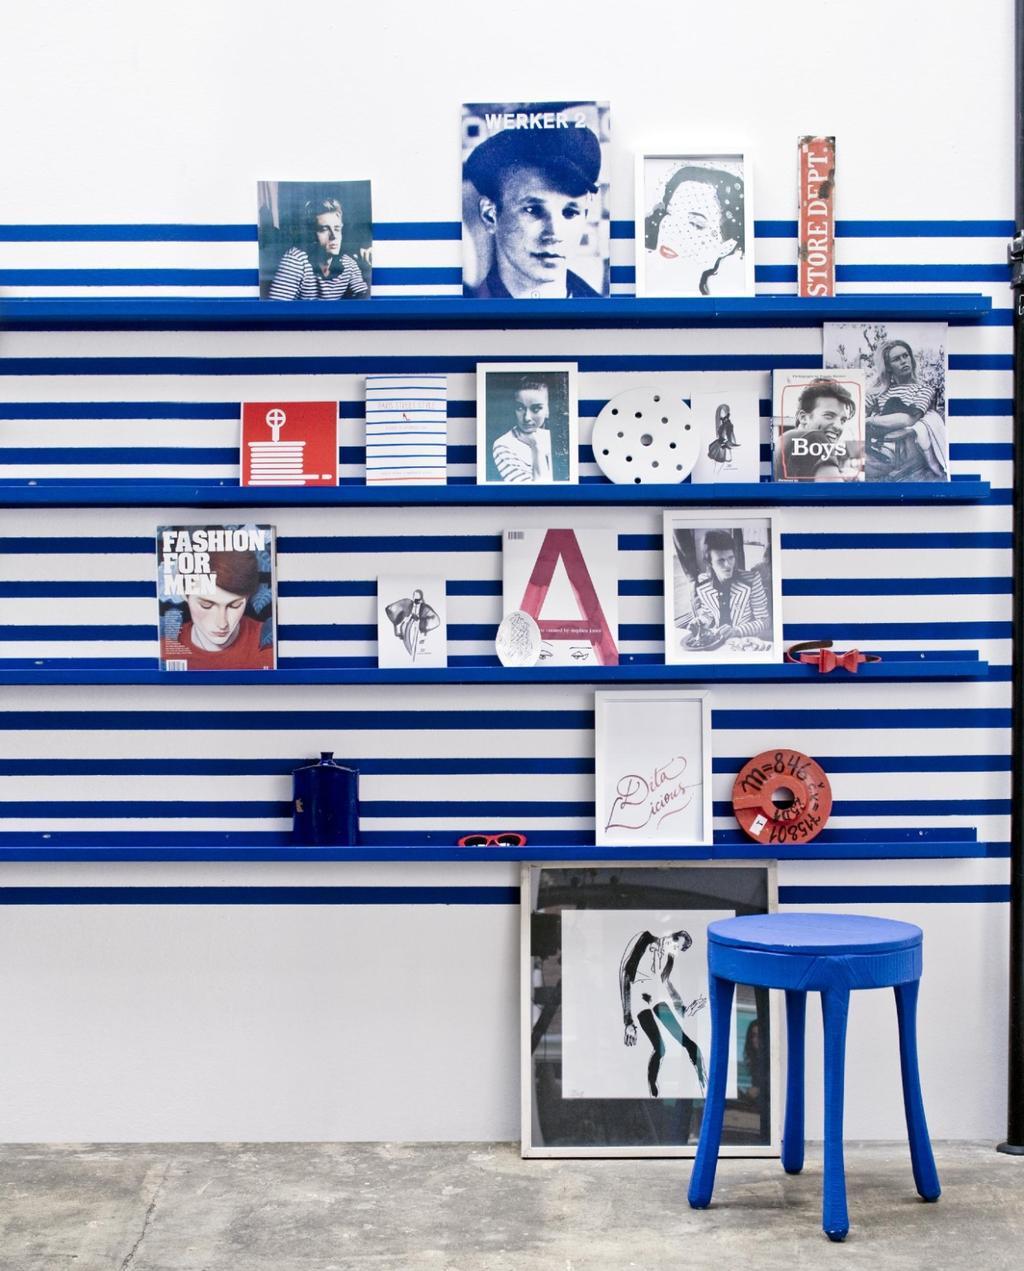 gallery wall   art wall   lijsten   foto   blauw   wit   krukje   polaroids ophangen in huis